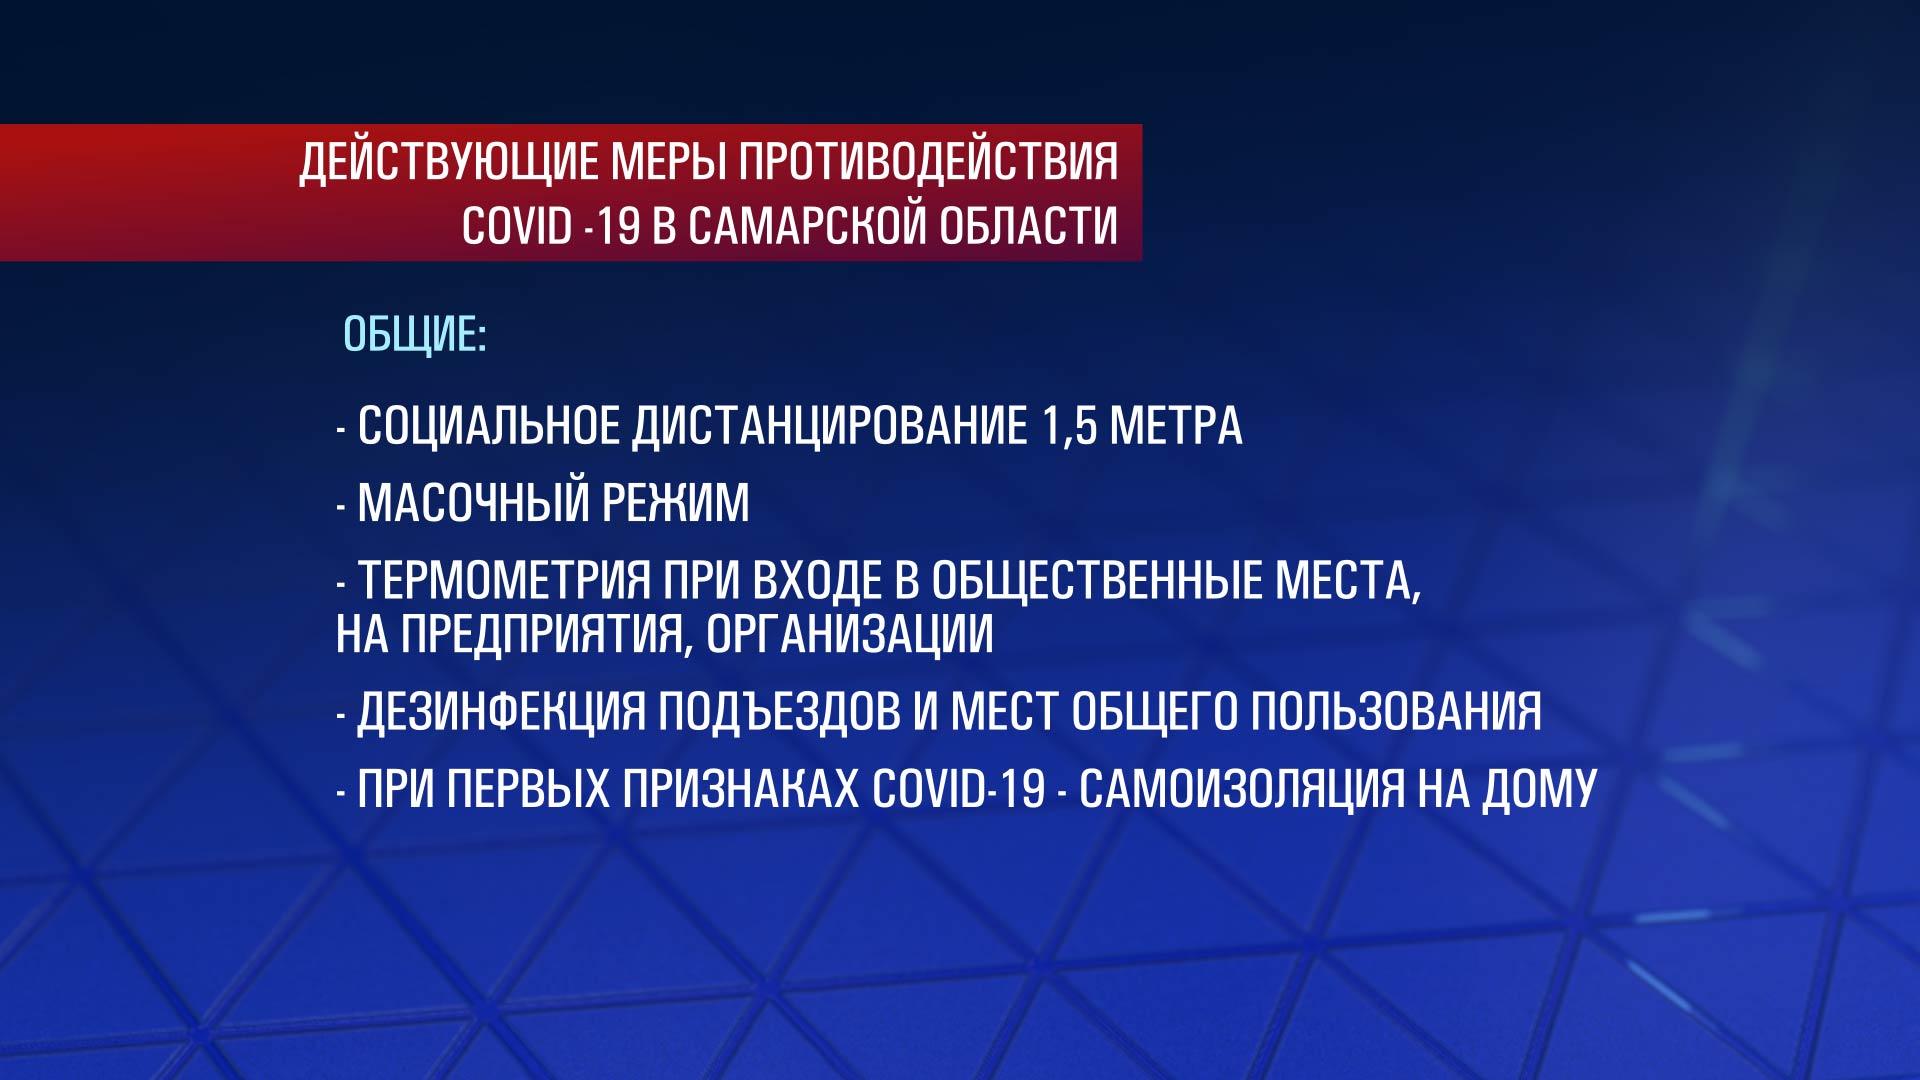 """Главная тема: Дмитрий Азаров в прямом эфире ГТРК """"Самара"""" заявил,  что Самарская область стоит на пороге локдауна"""